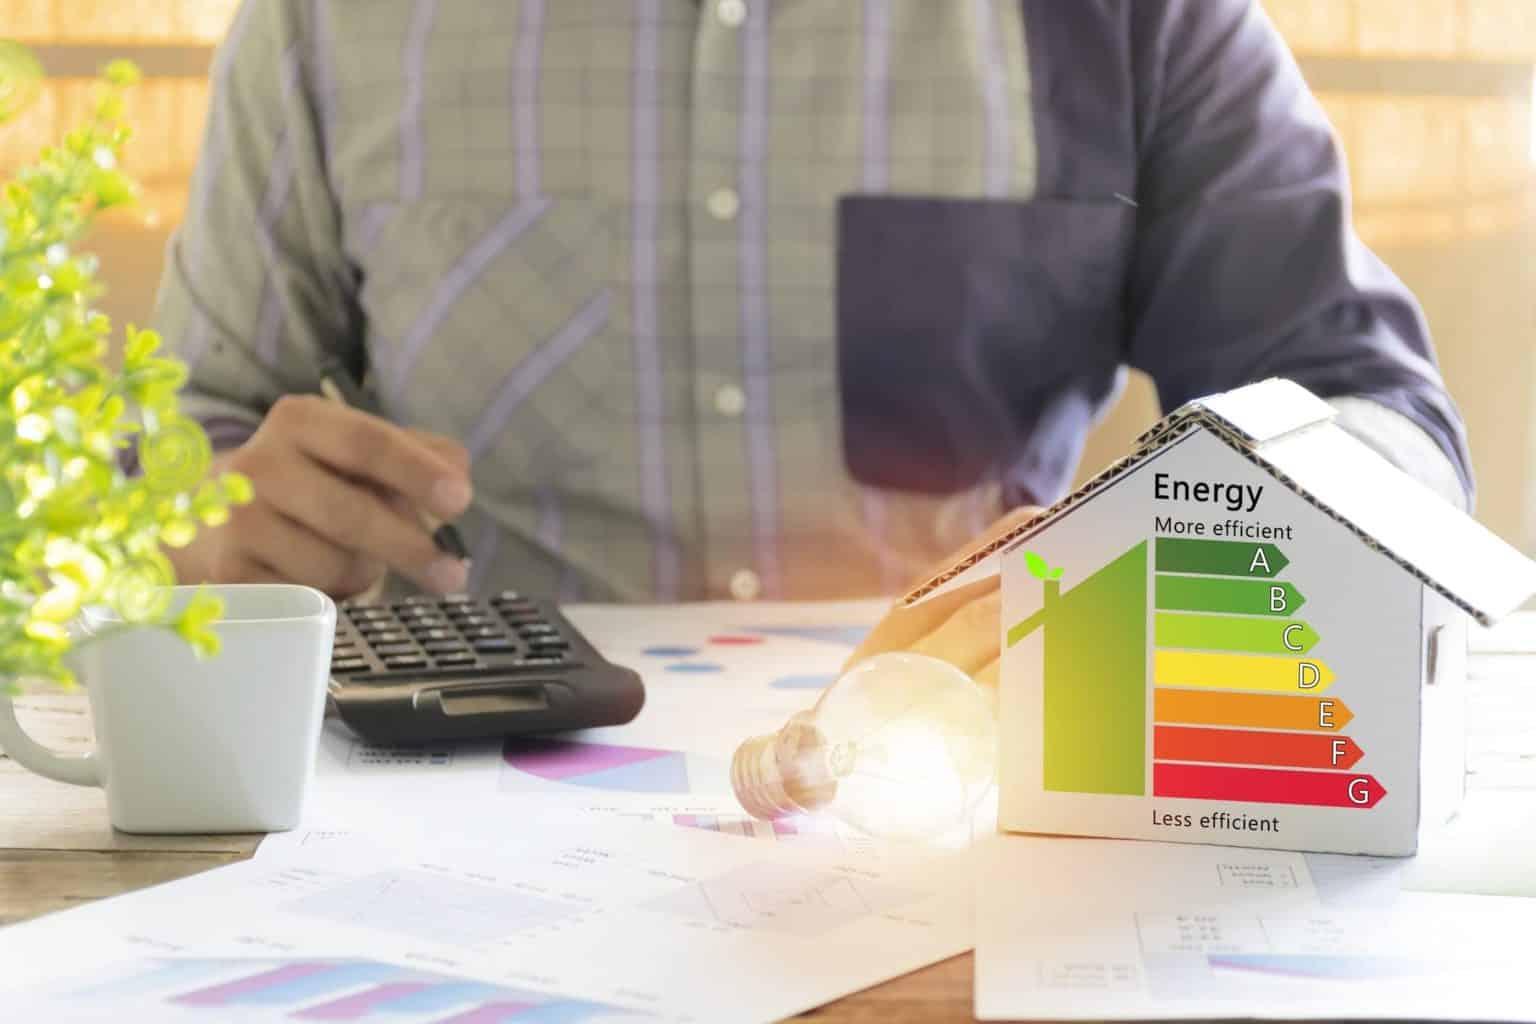 Ecobonus 110%: detrazione, cessione del credito o sconto in fattura